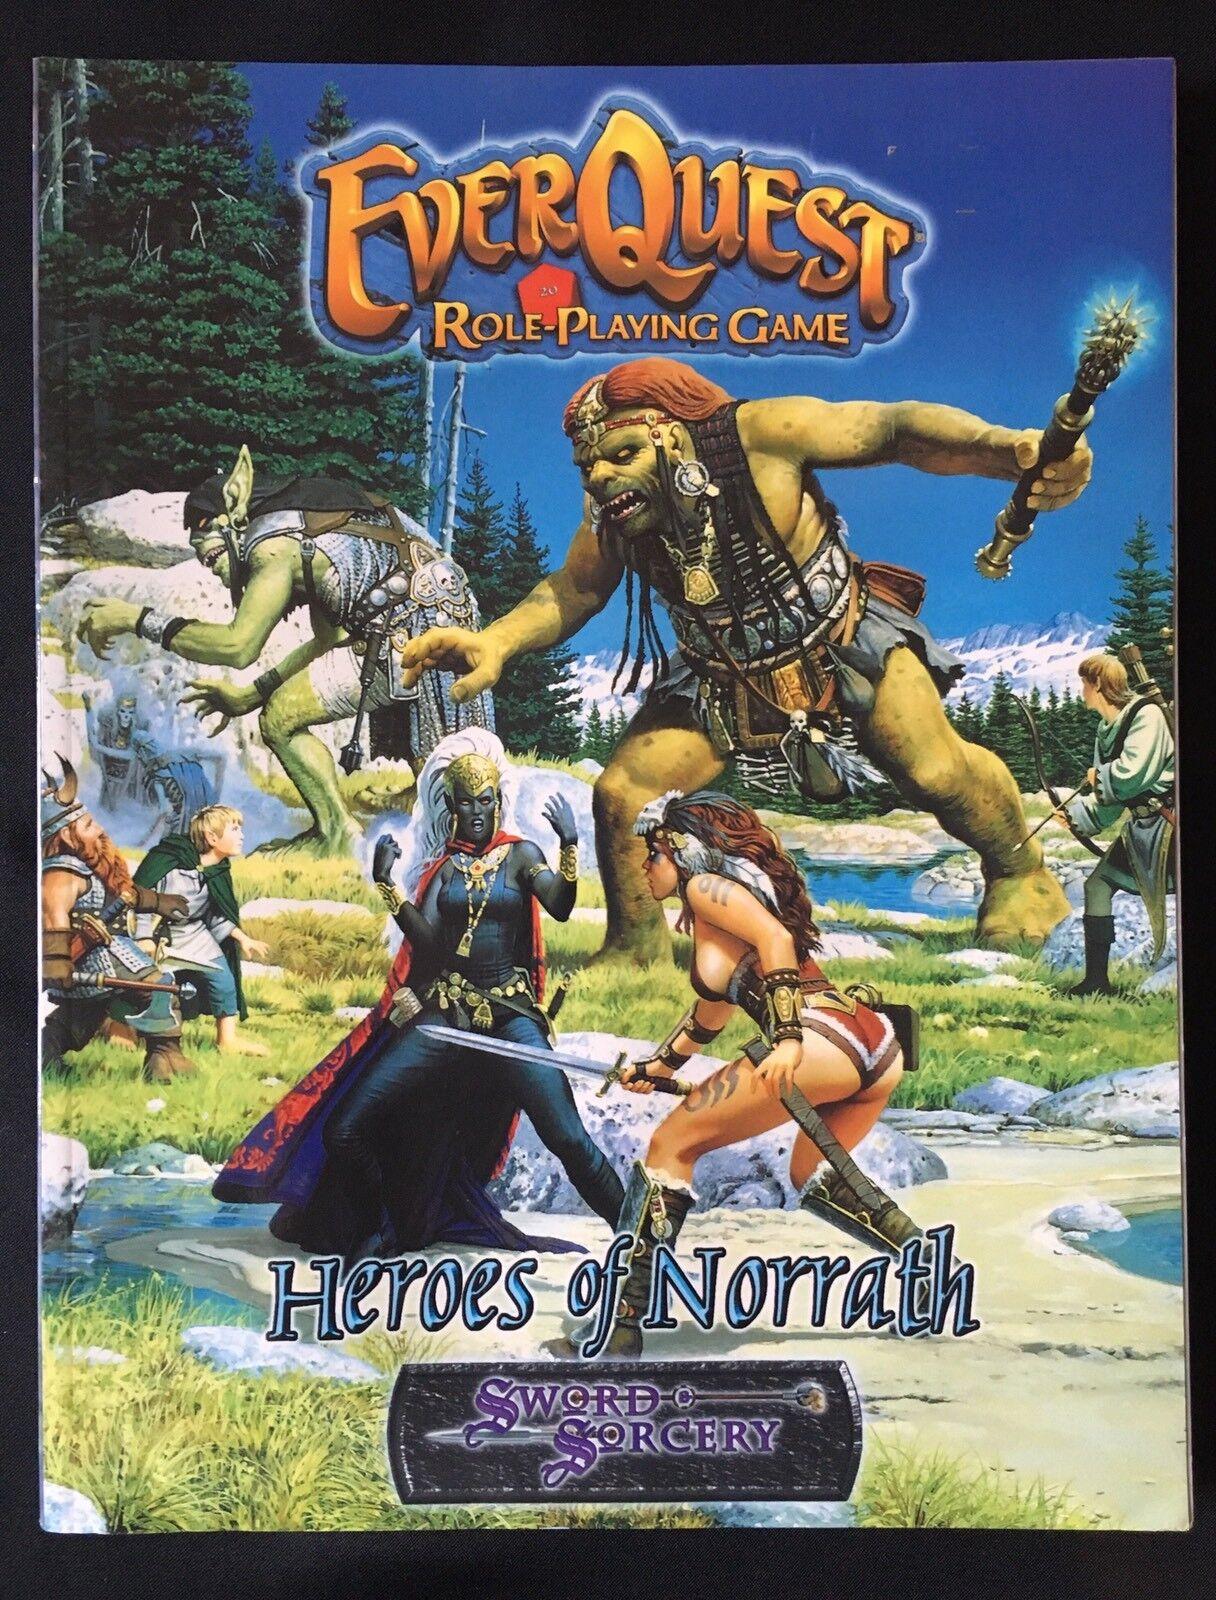 venta al por mayor barato Heroes Heroes Heroes OF NORRATH-Sword & Sorcery D&D Everquest - 3e de Juego de Rol de Fantasía  diseño único